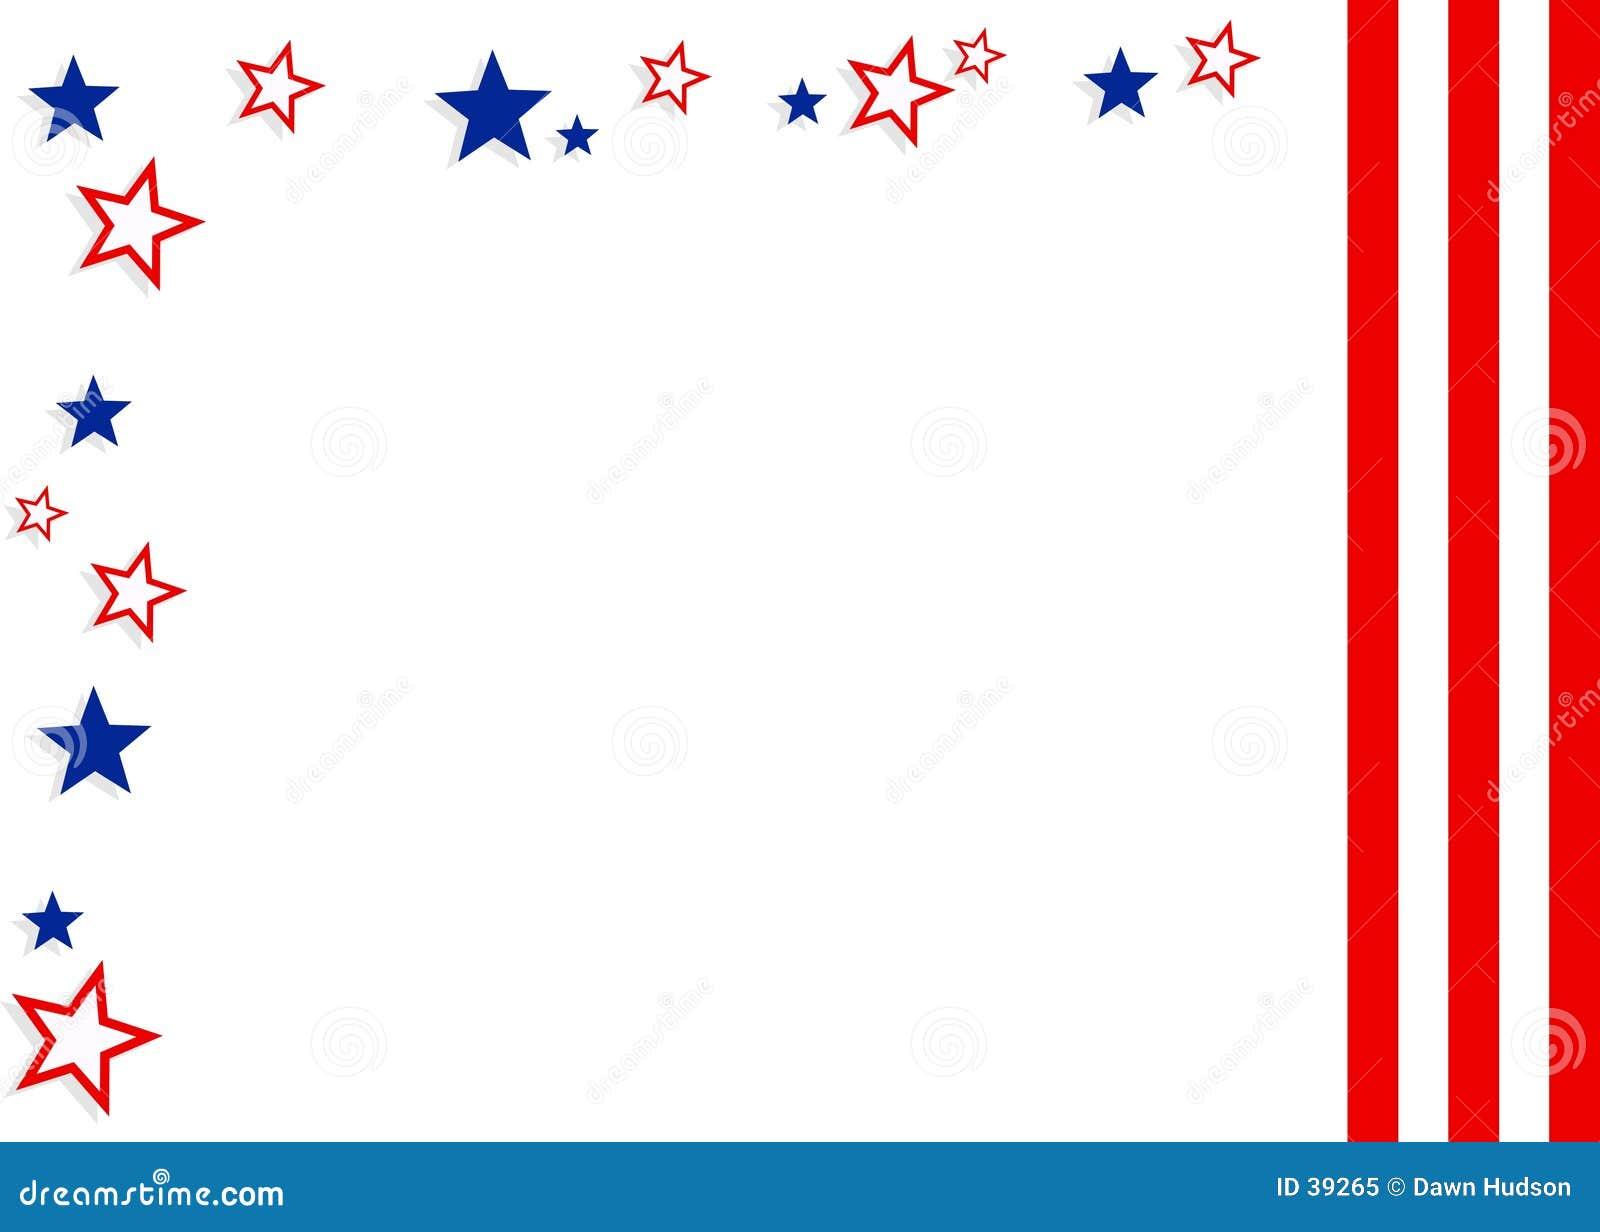 Download Fondo patriótico stock de ilustración. Ilustración de julio - 39265